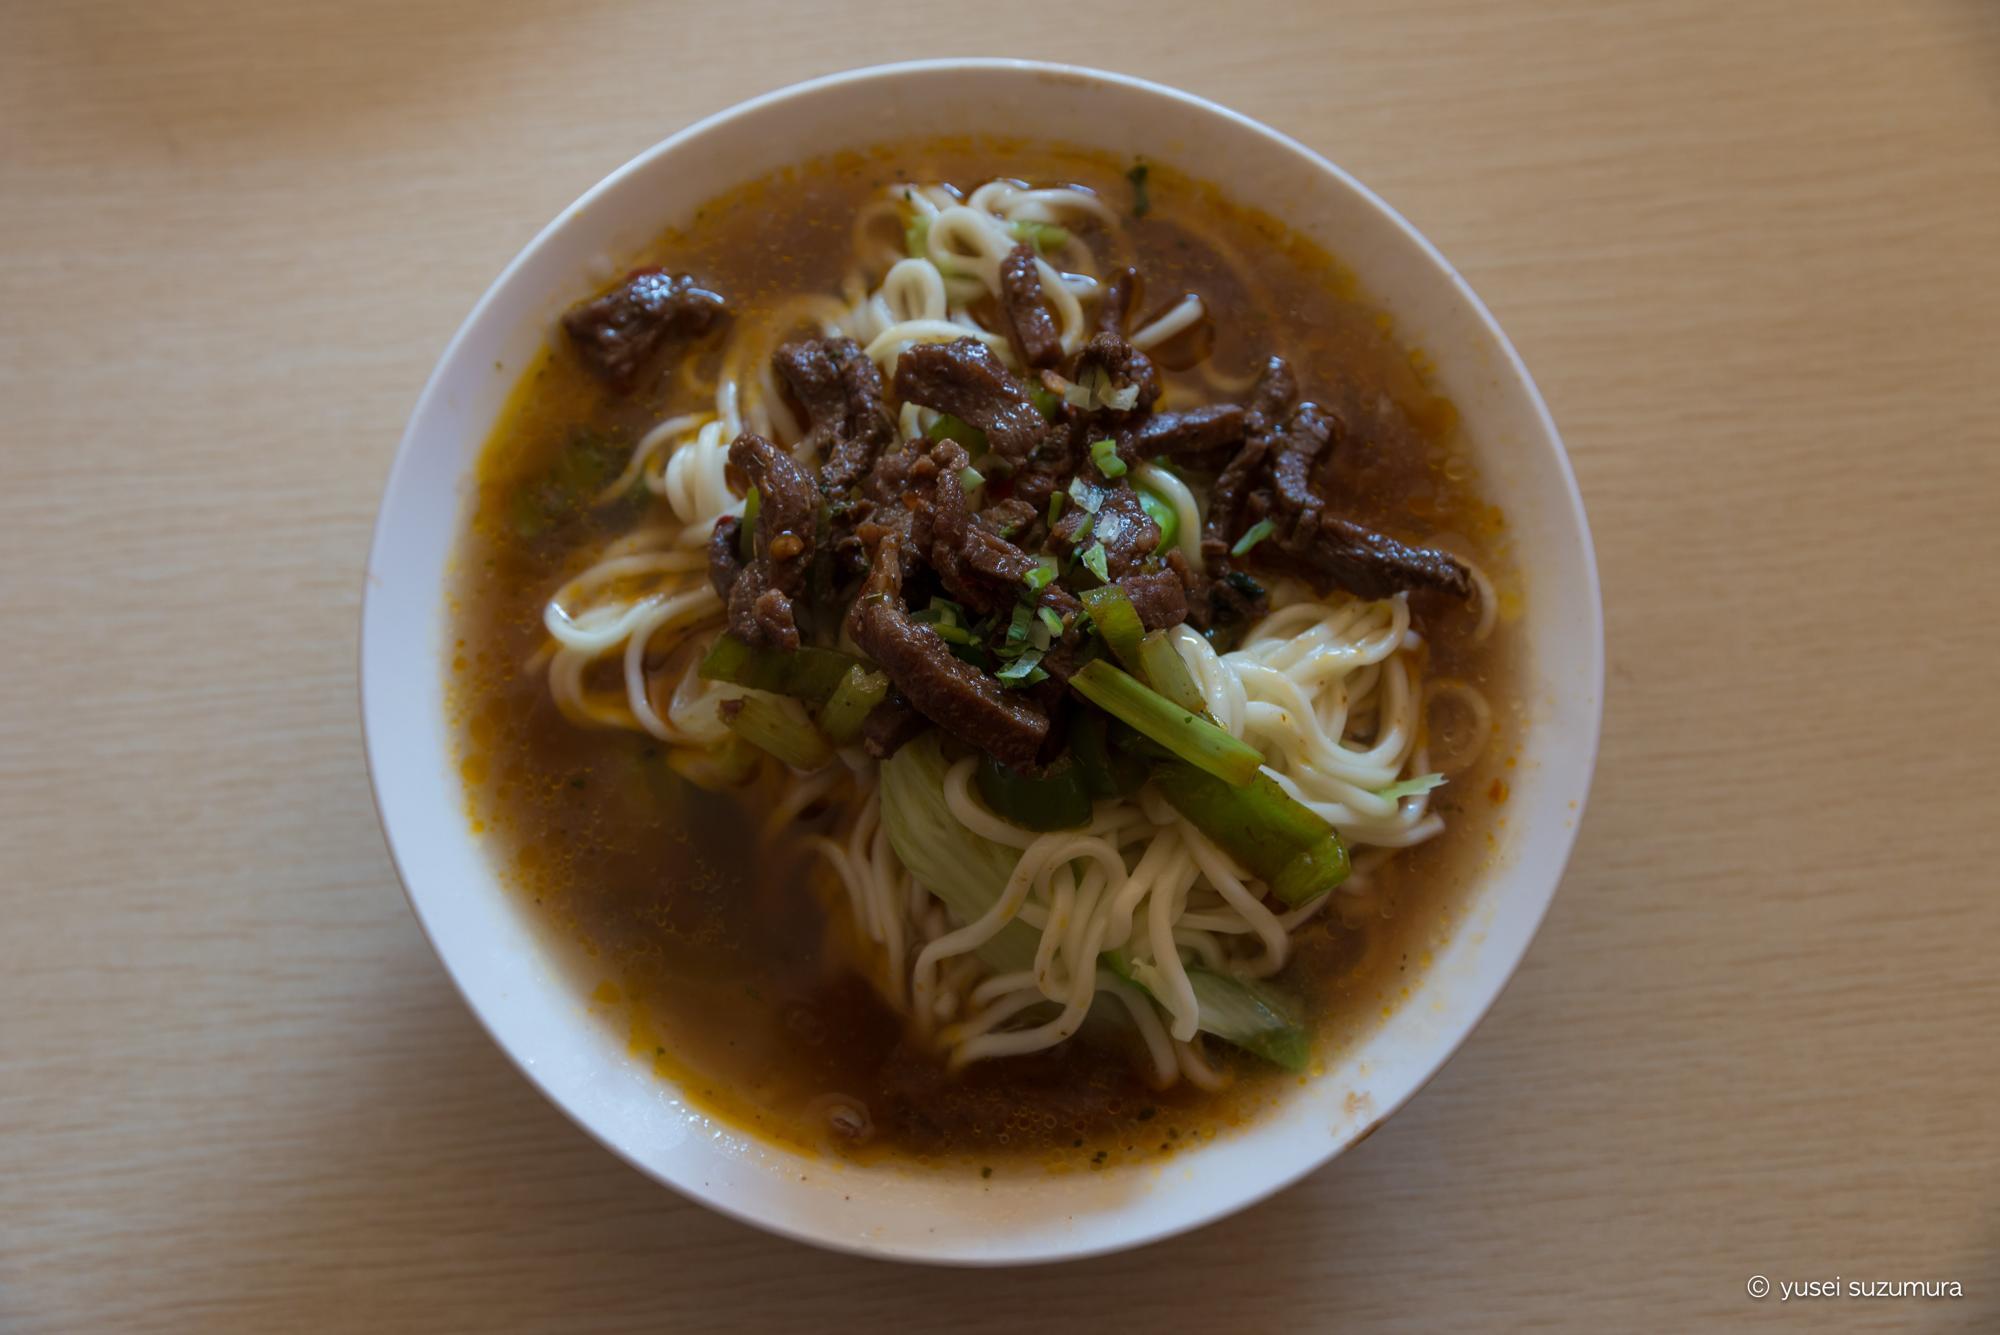 ラルンガルゴンパ 朝食 麺